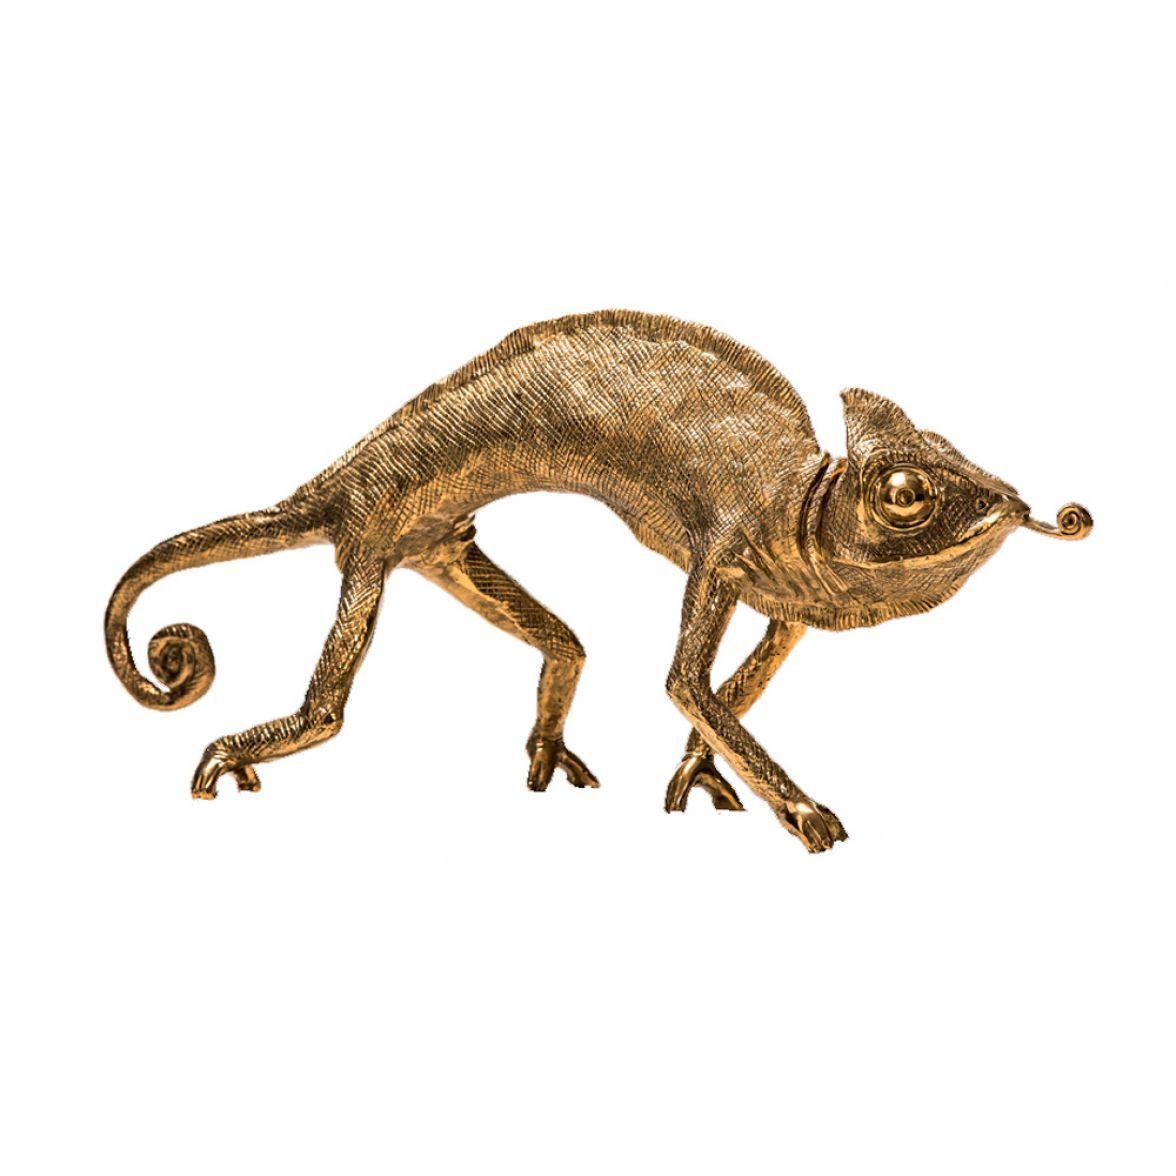 Karma chameleon sculpture